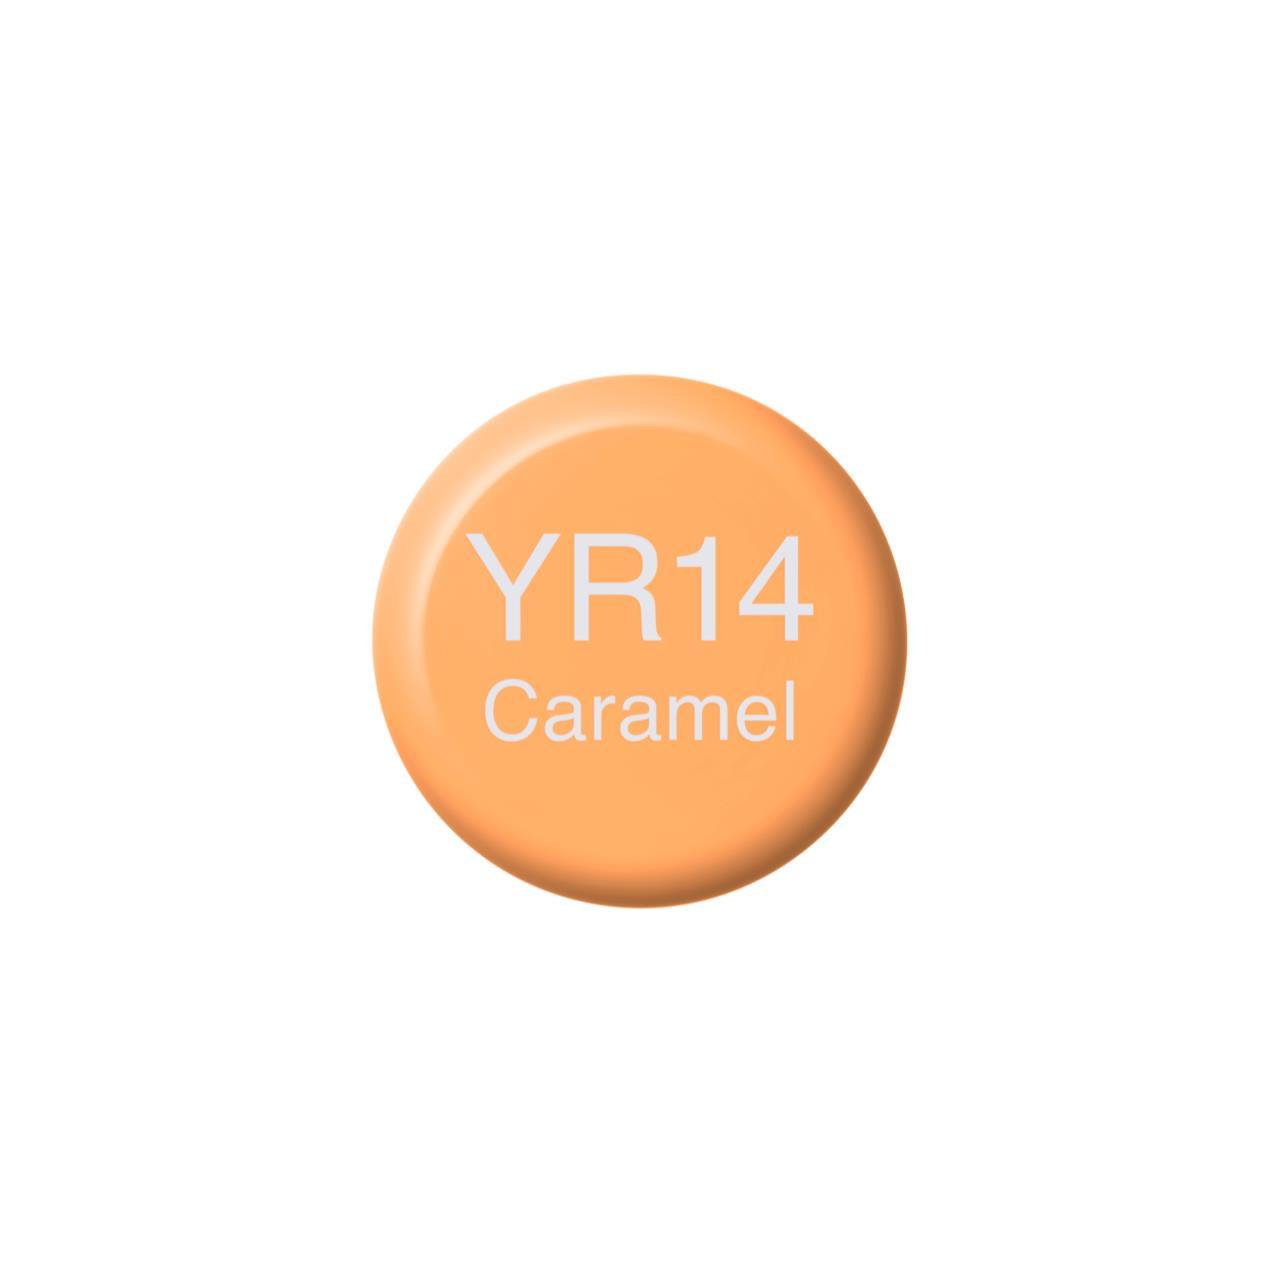 YR14 Caramel, Copic Ink - 4511338058664